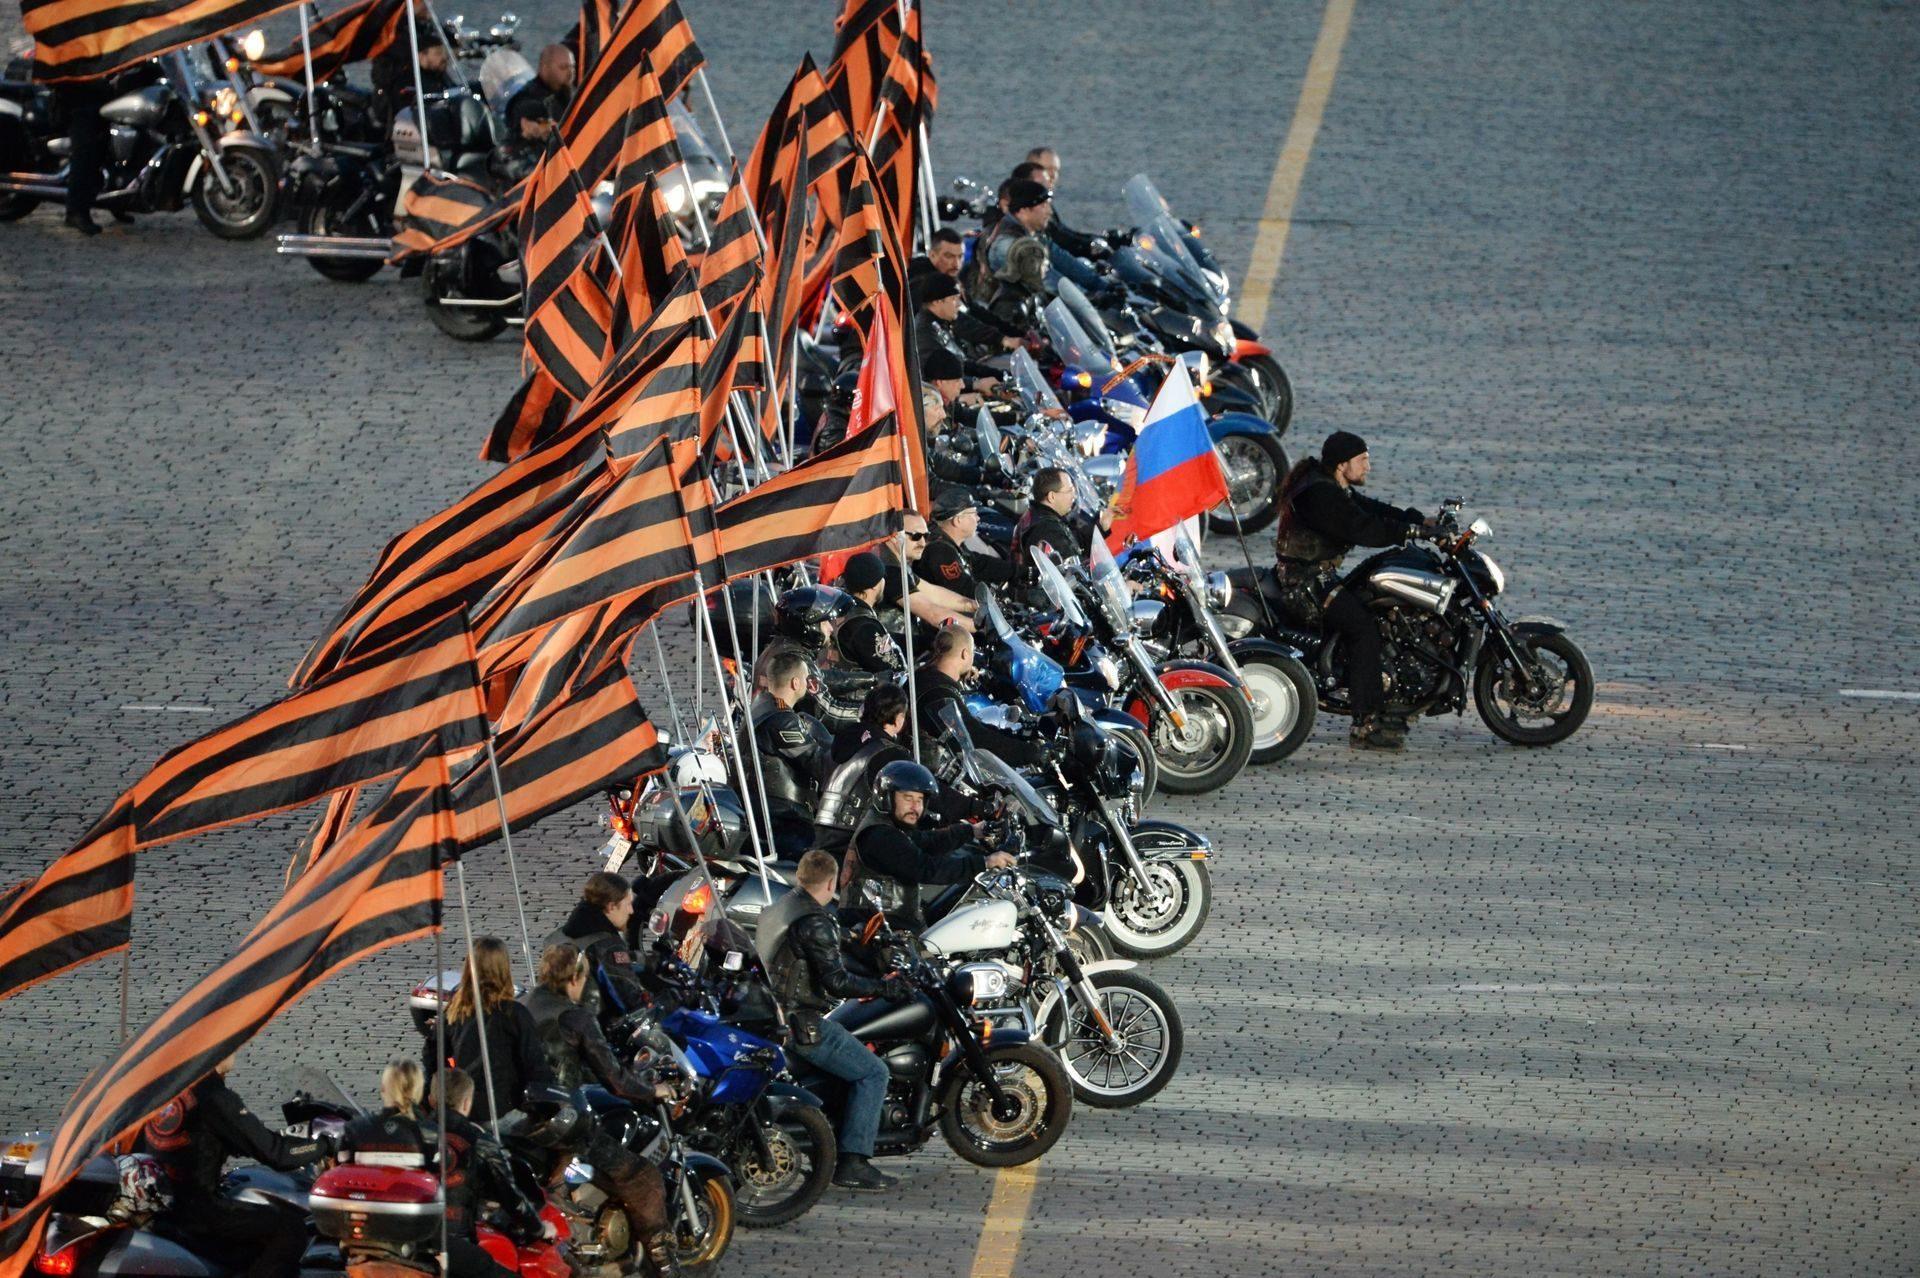 6 марта в Смоленске ограничат движение из-за байкеров